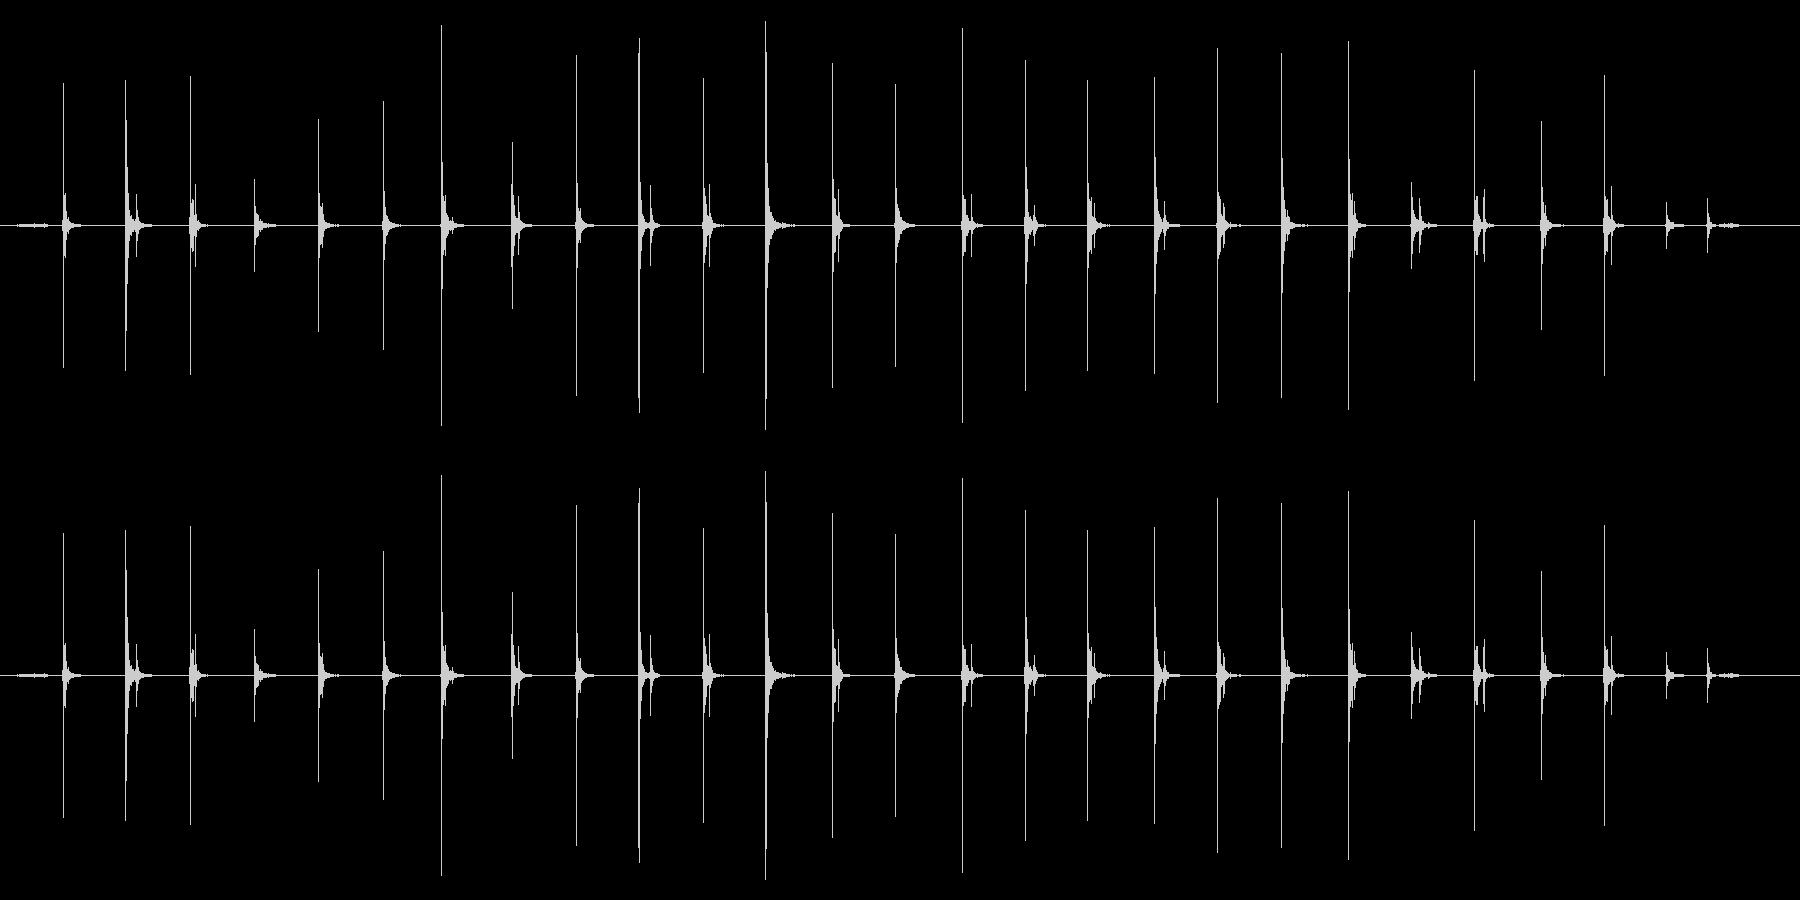 ステップ レザーシューズメタルドラ...の未再生の波形